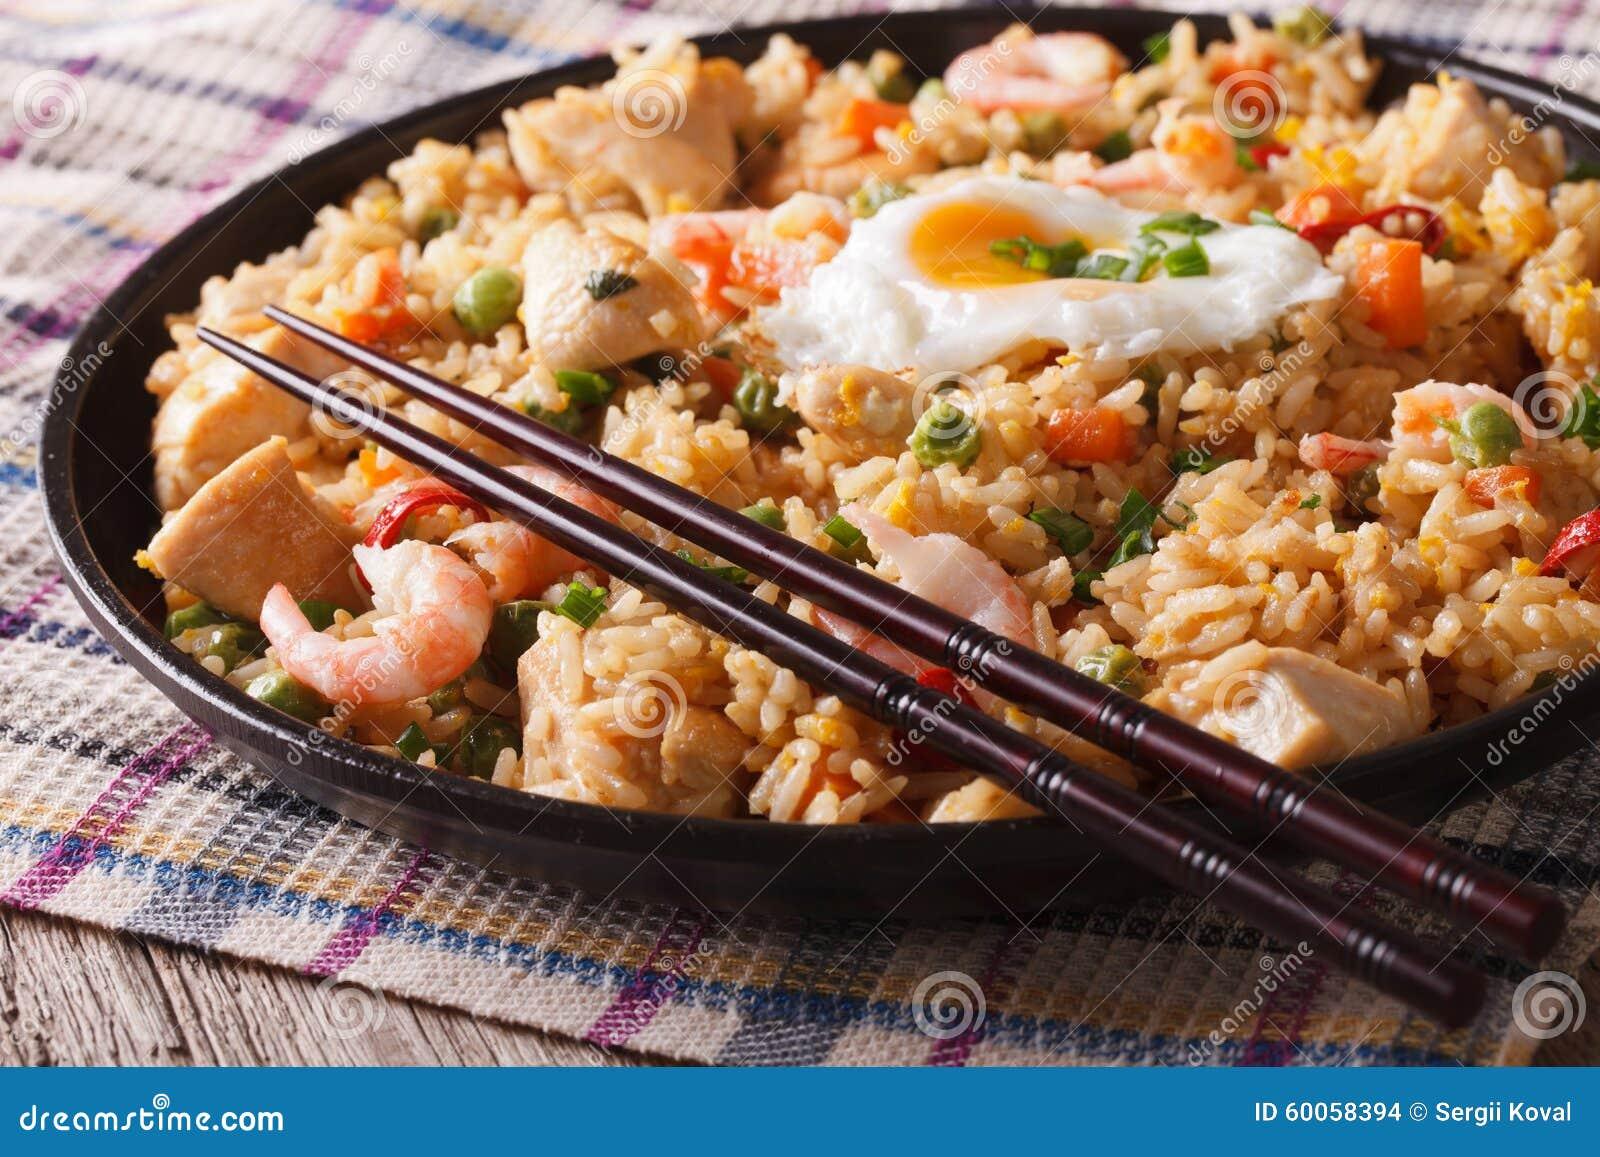 indonesische küche: nasi goreng mit huhn, garnele und vegetab ... - Indonesien Küche